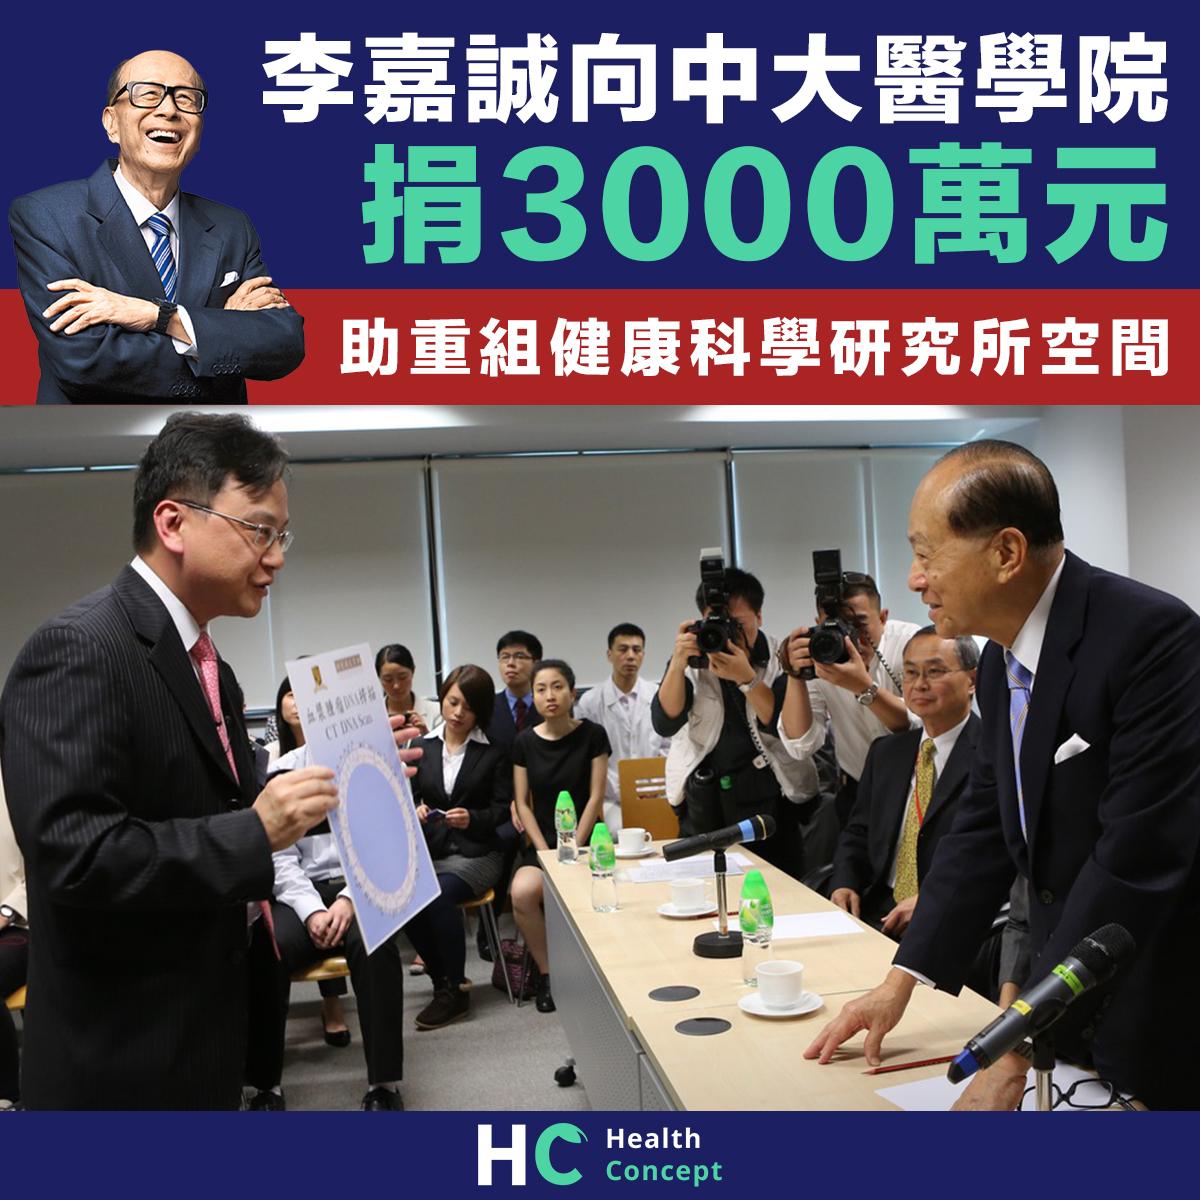 李嘉誠向中大醫學院捐3千萬元 助重組健康科學研究所空間